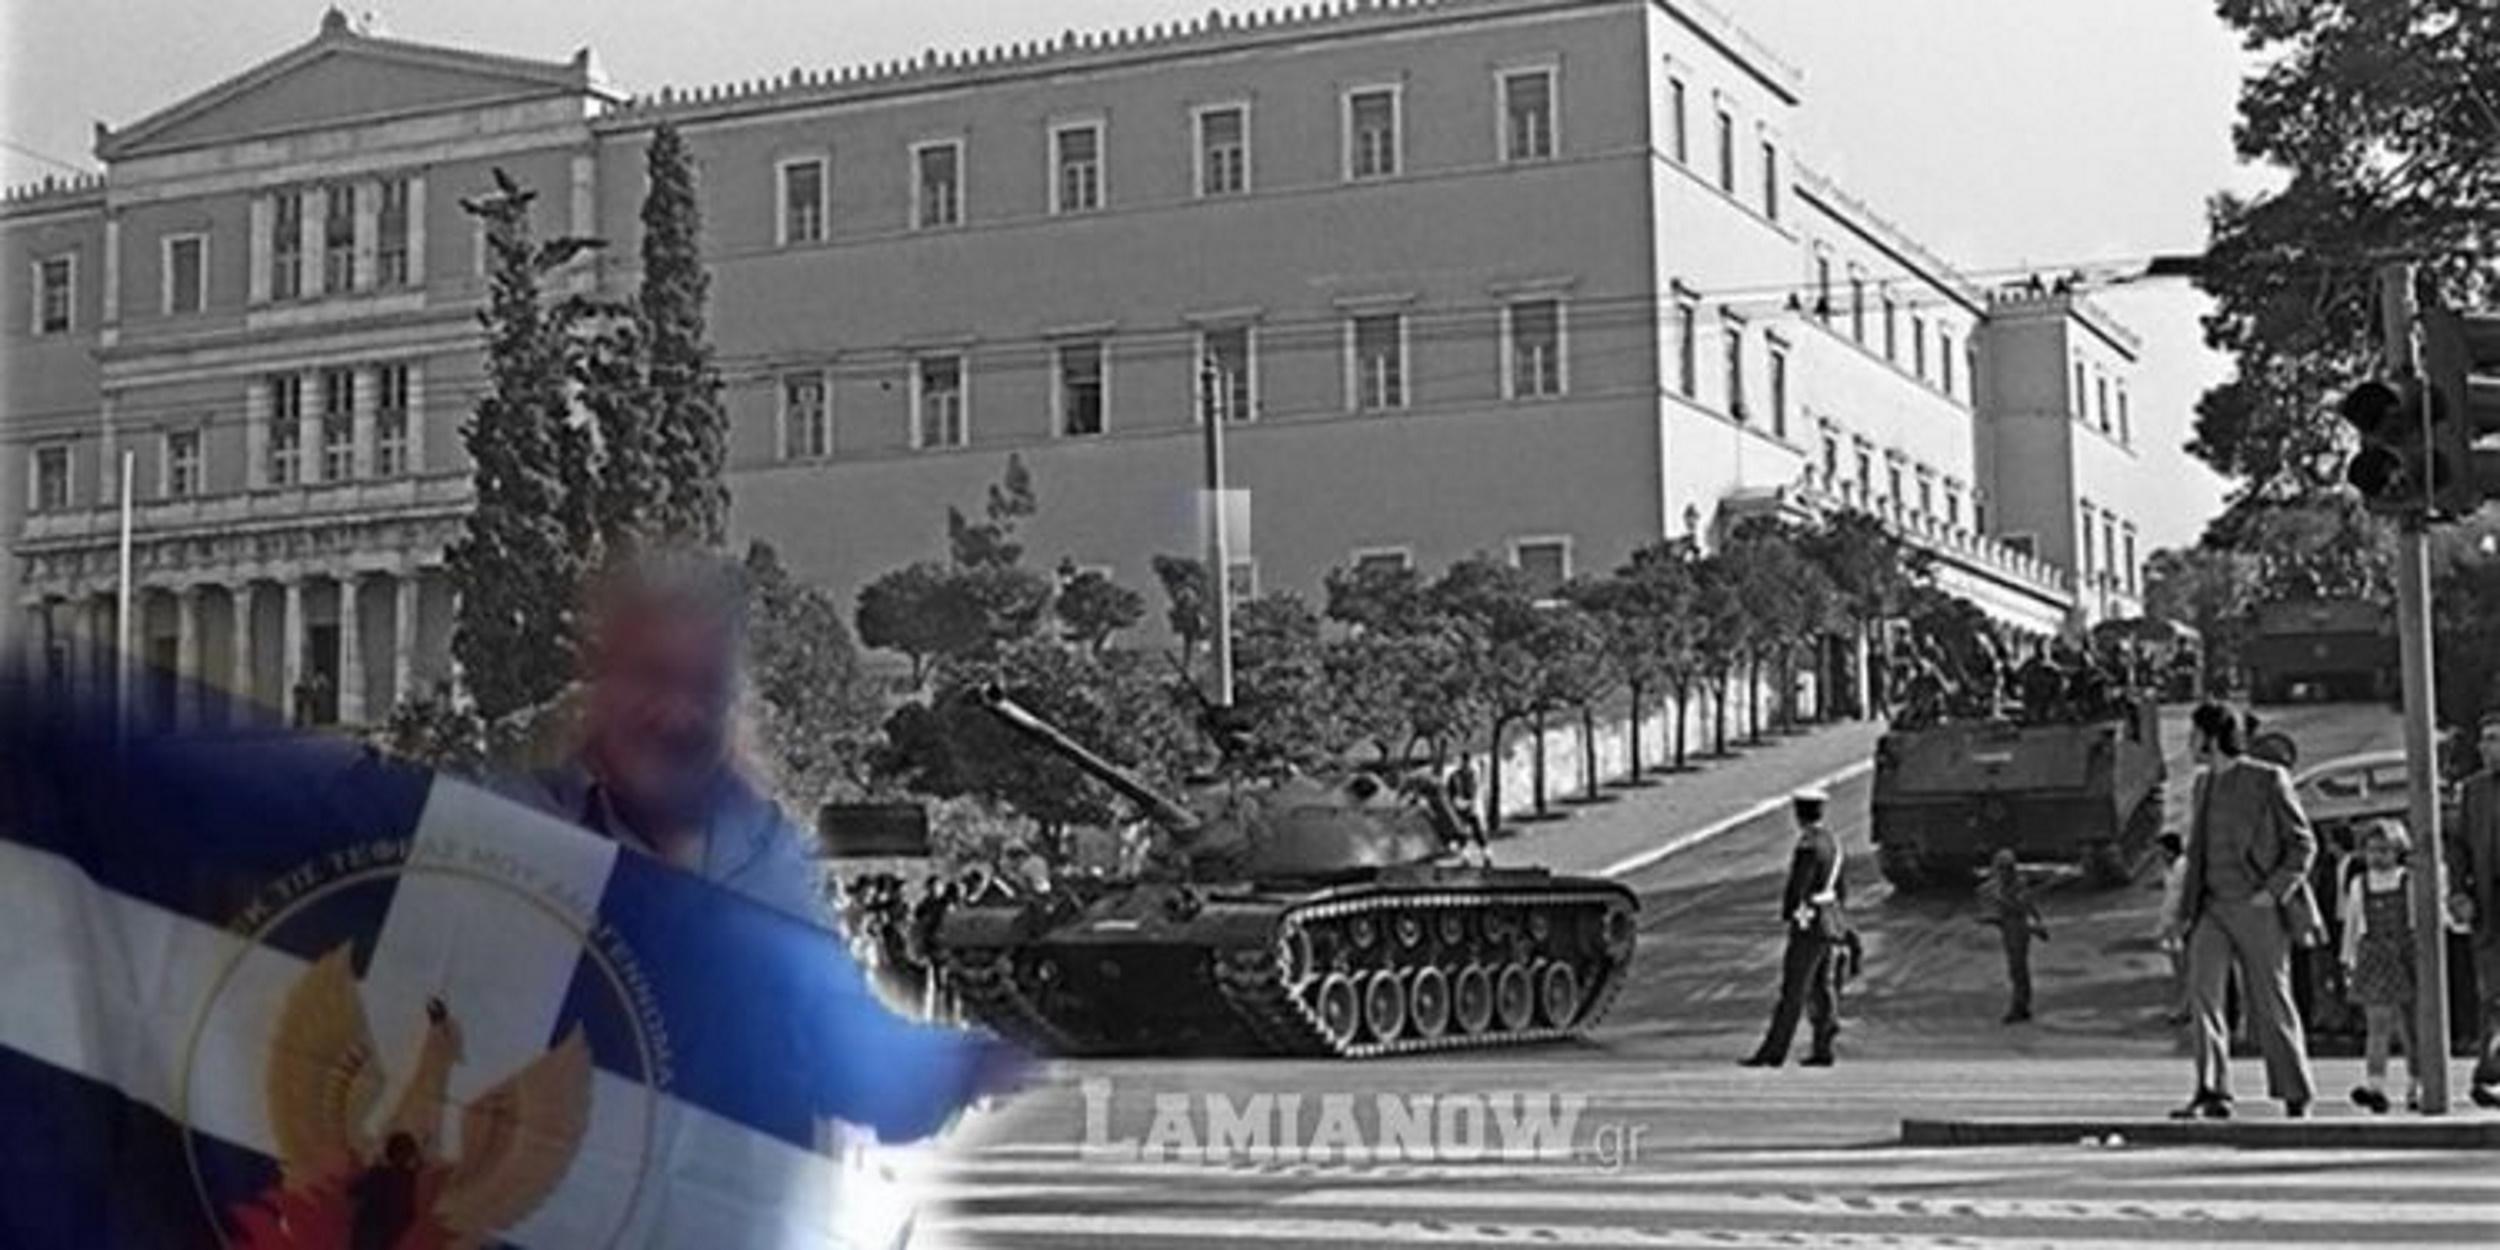 Στυλίδα: Χαμός με τον δημοτικό σύμβουλο που πόζαρε με την σημαία της Χούντας